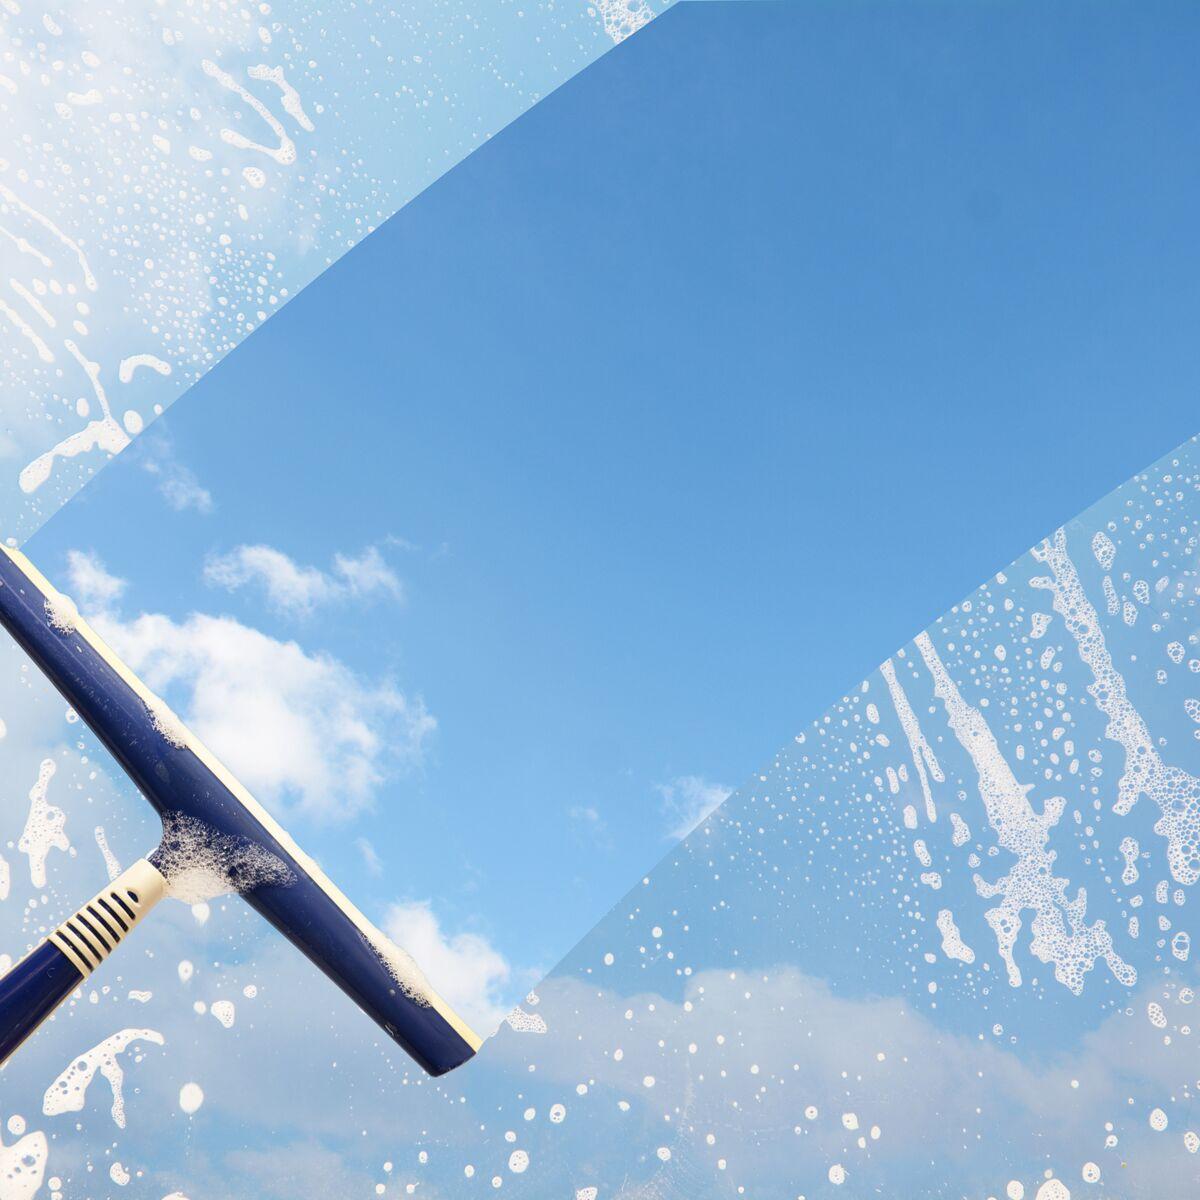 Nettoyer Interieur Lave Vaisselle comment nettoyer les vitres avec une raclette : femme